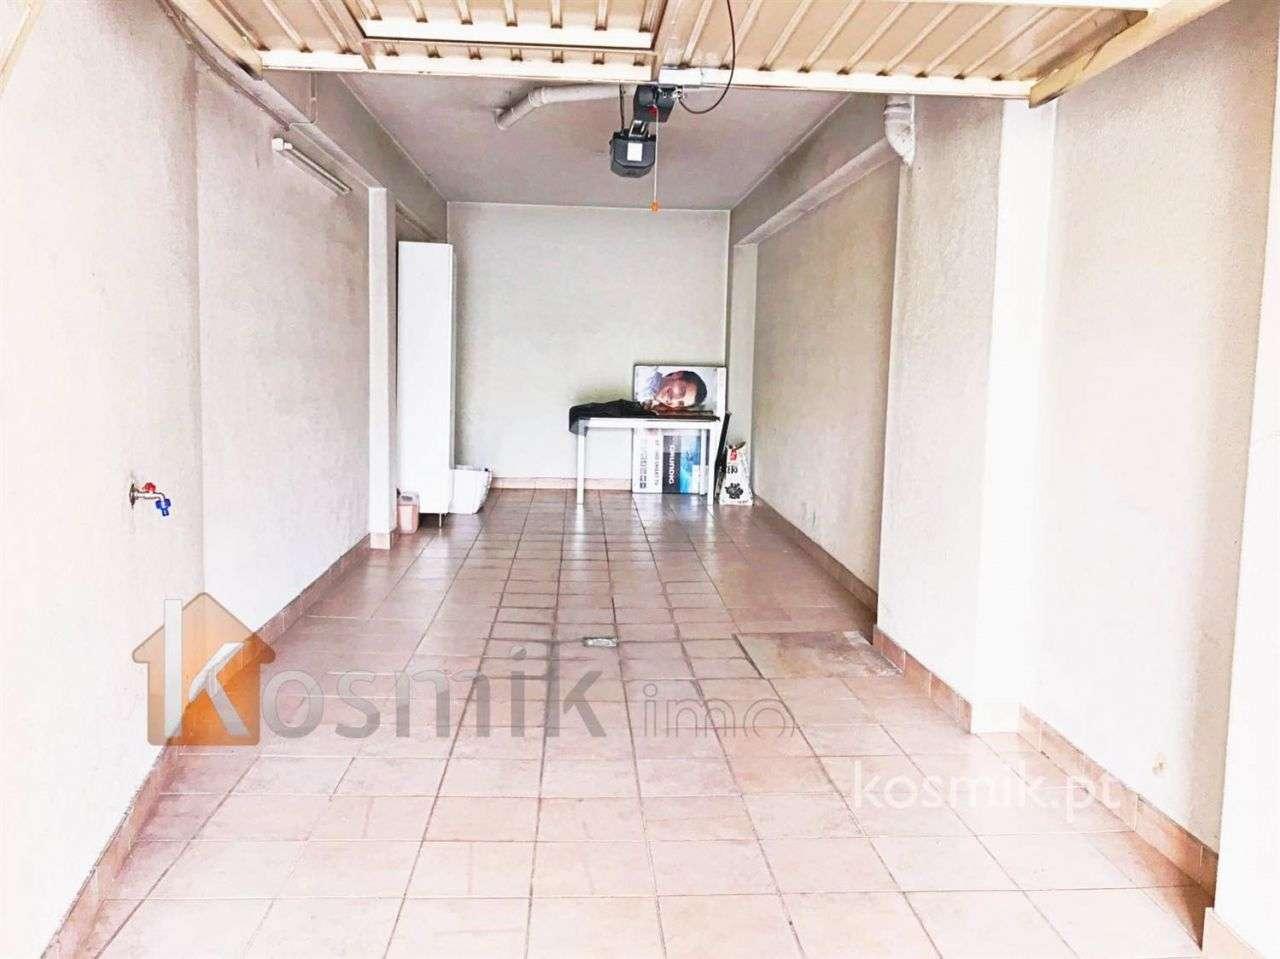 Apartamento para comprar, Ramada e Caneças, Lisboa - Foto 41